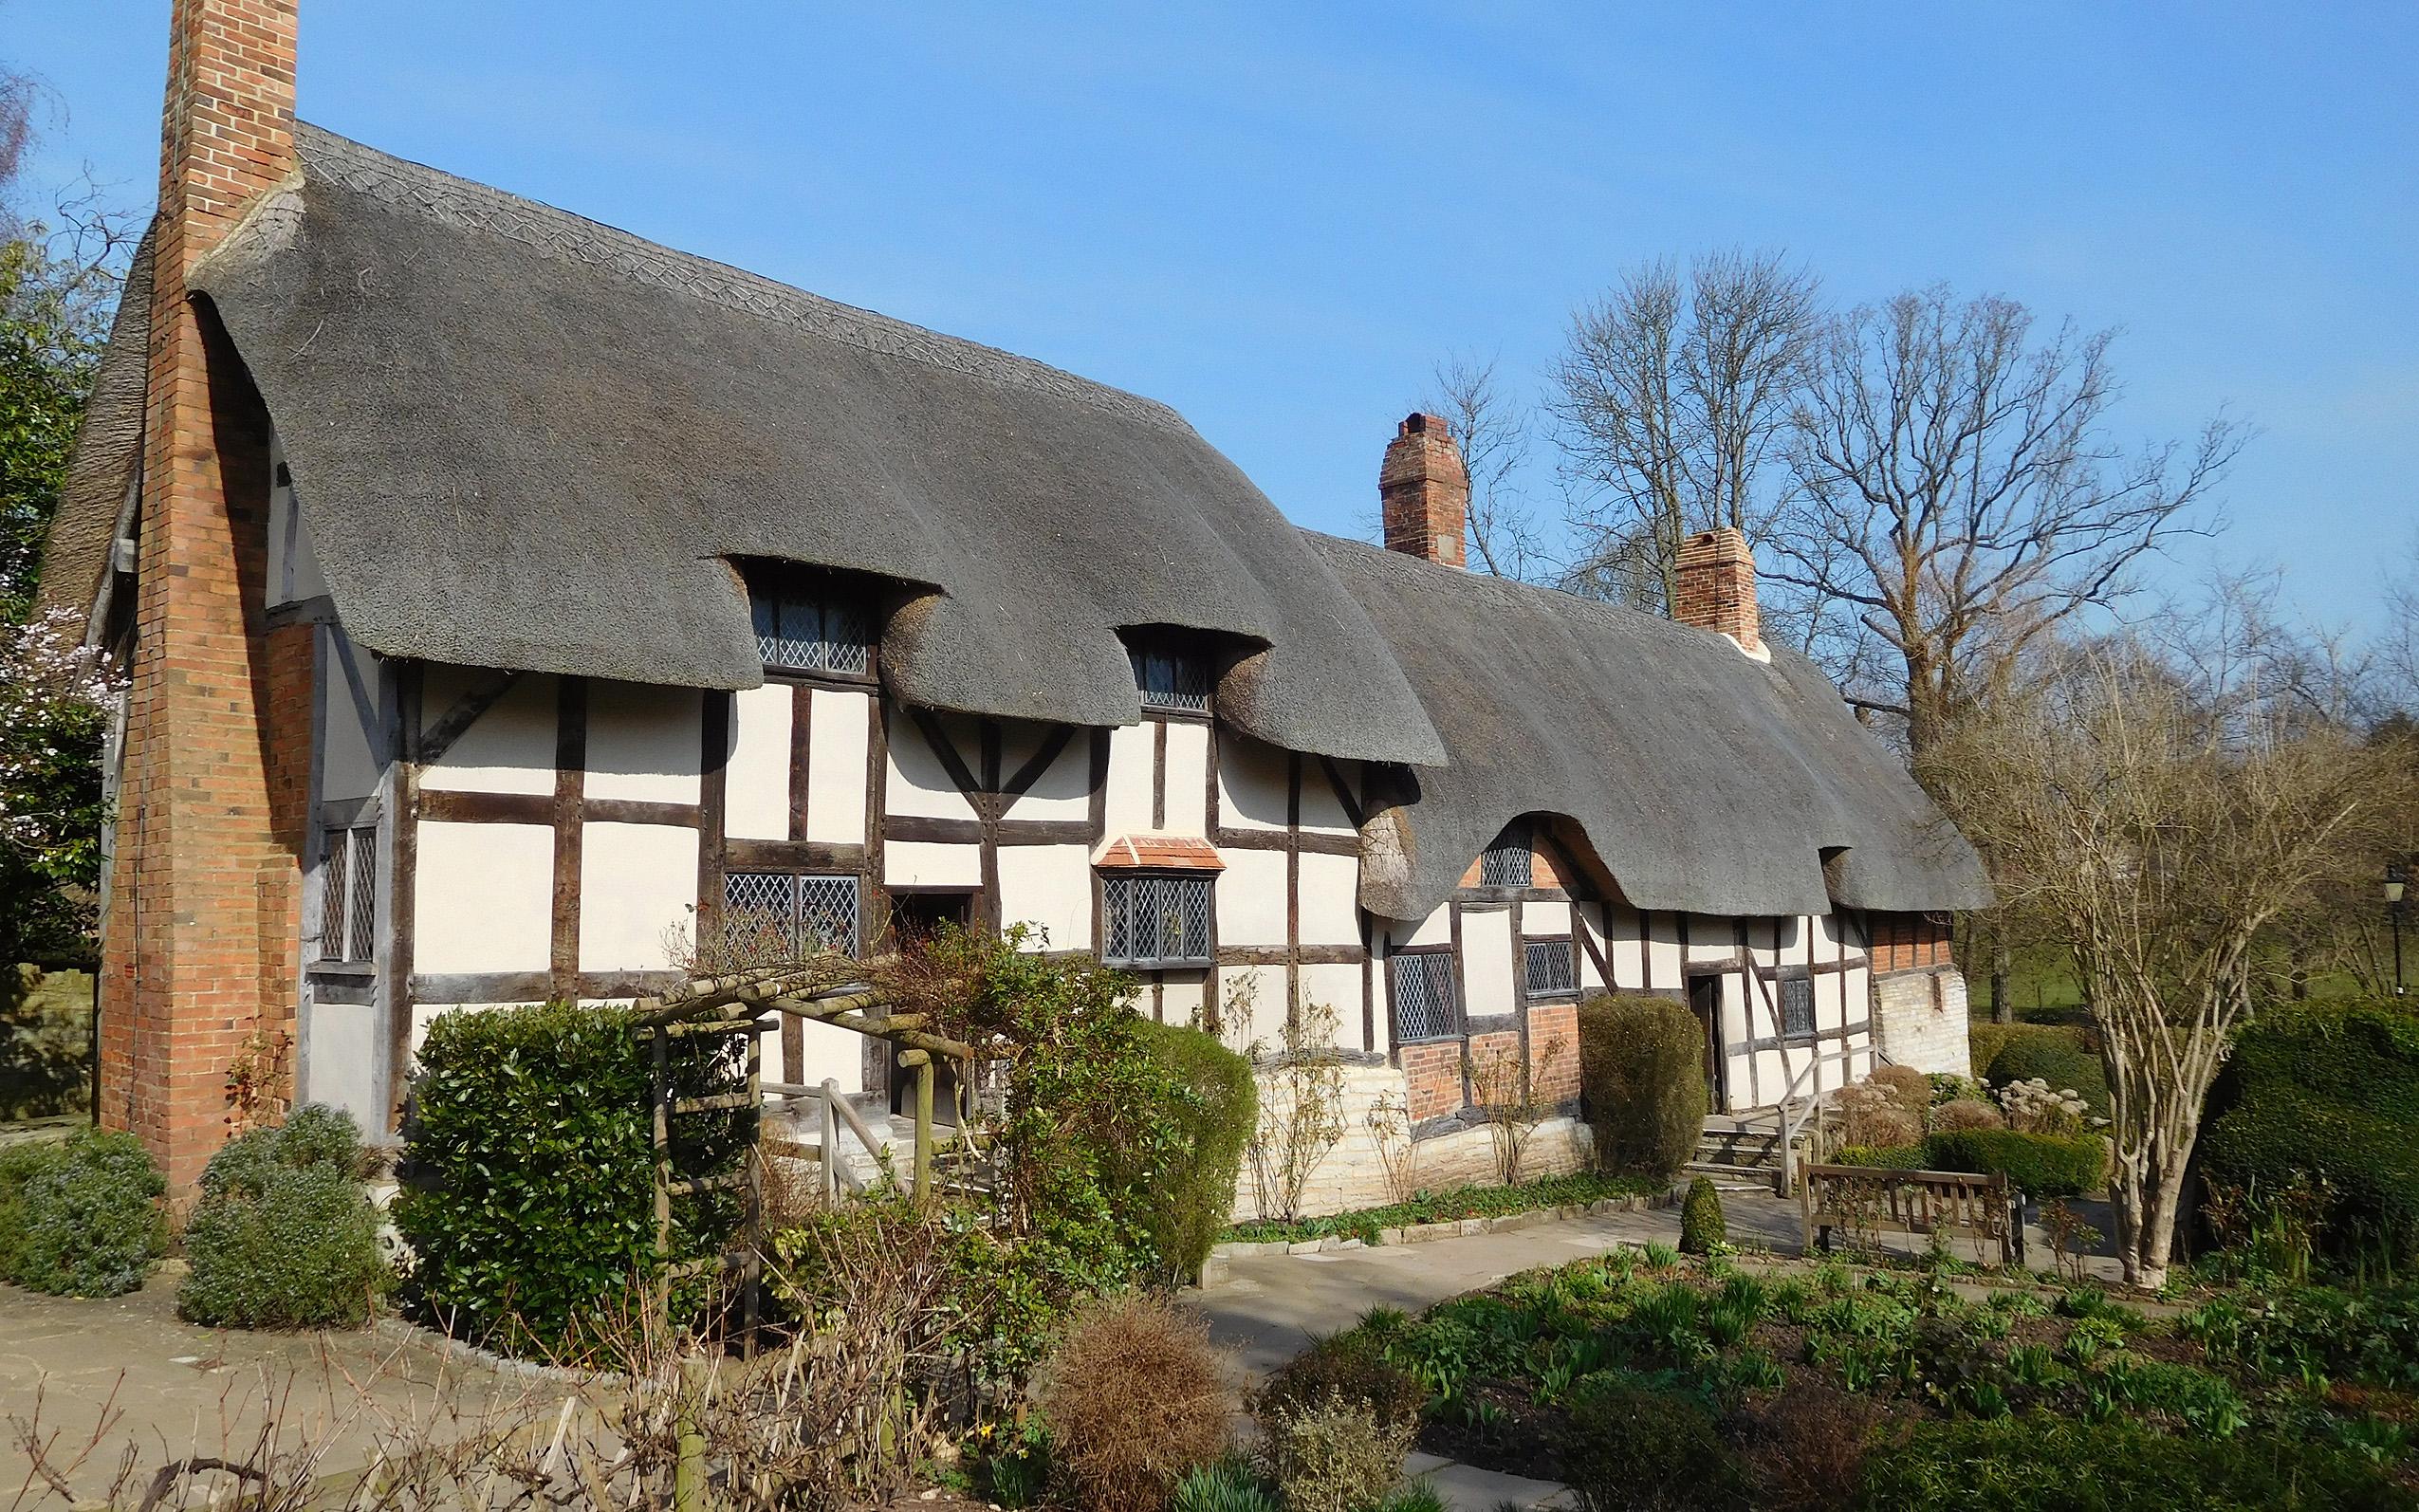 Shakespeare's Stratford & Wonderful Warwickshire